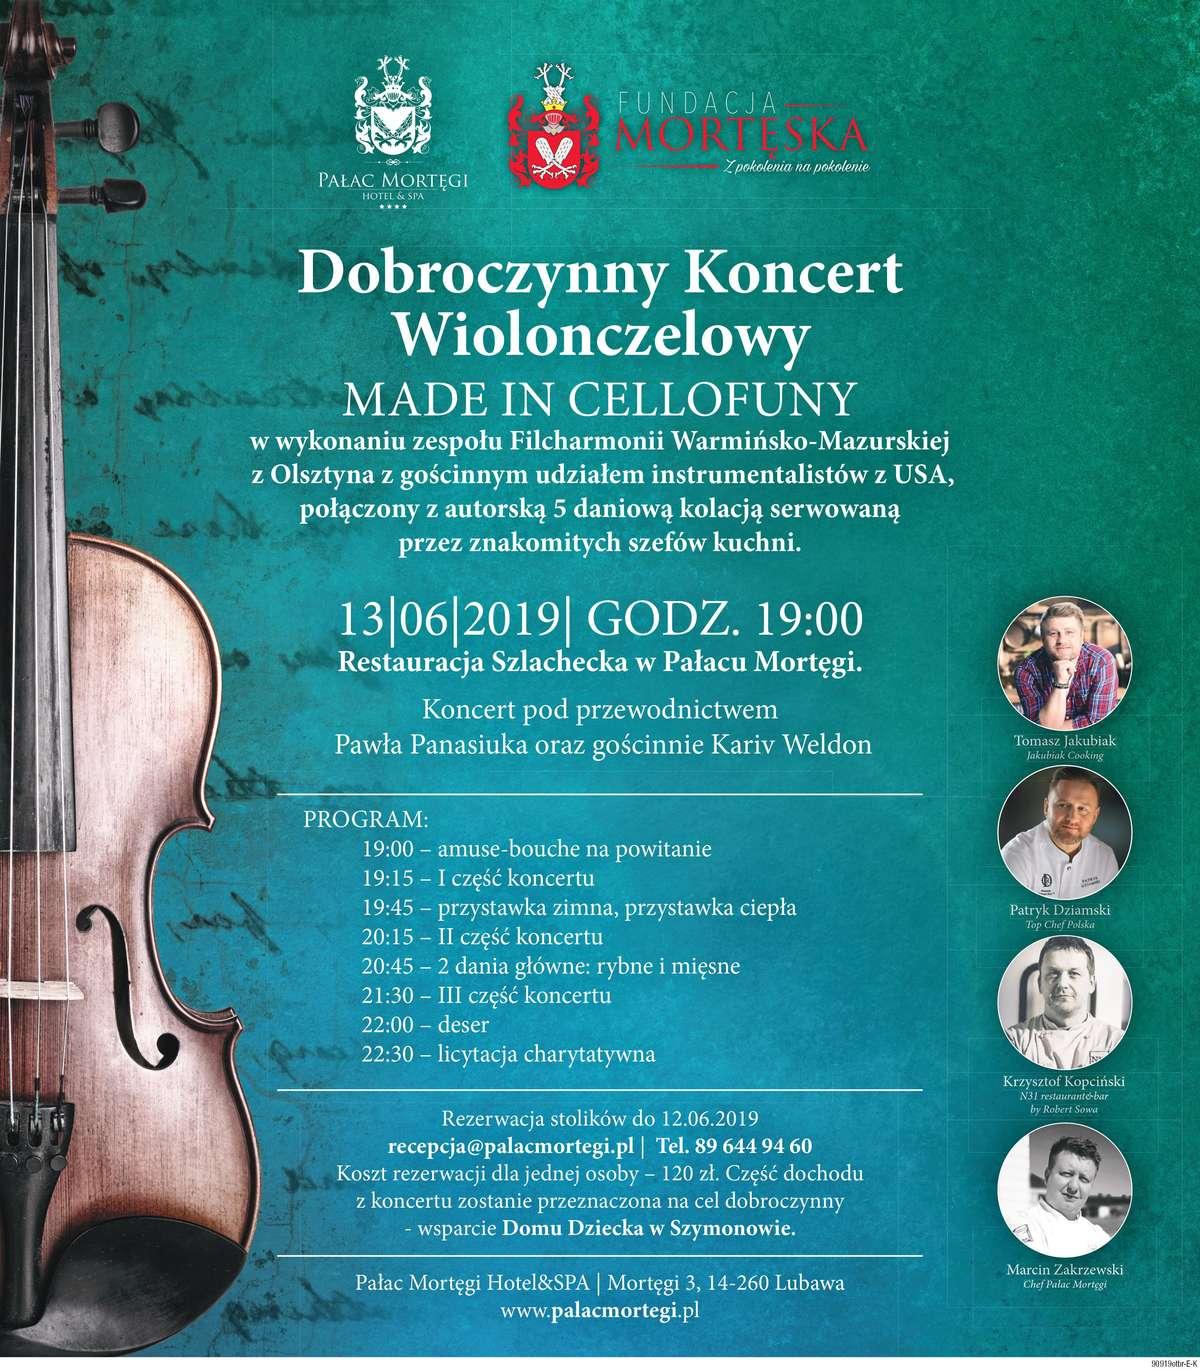 Dobroczynny Koncert  - full image